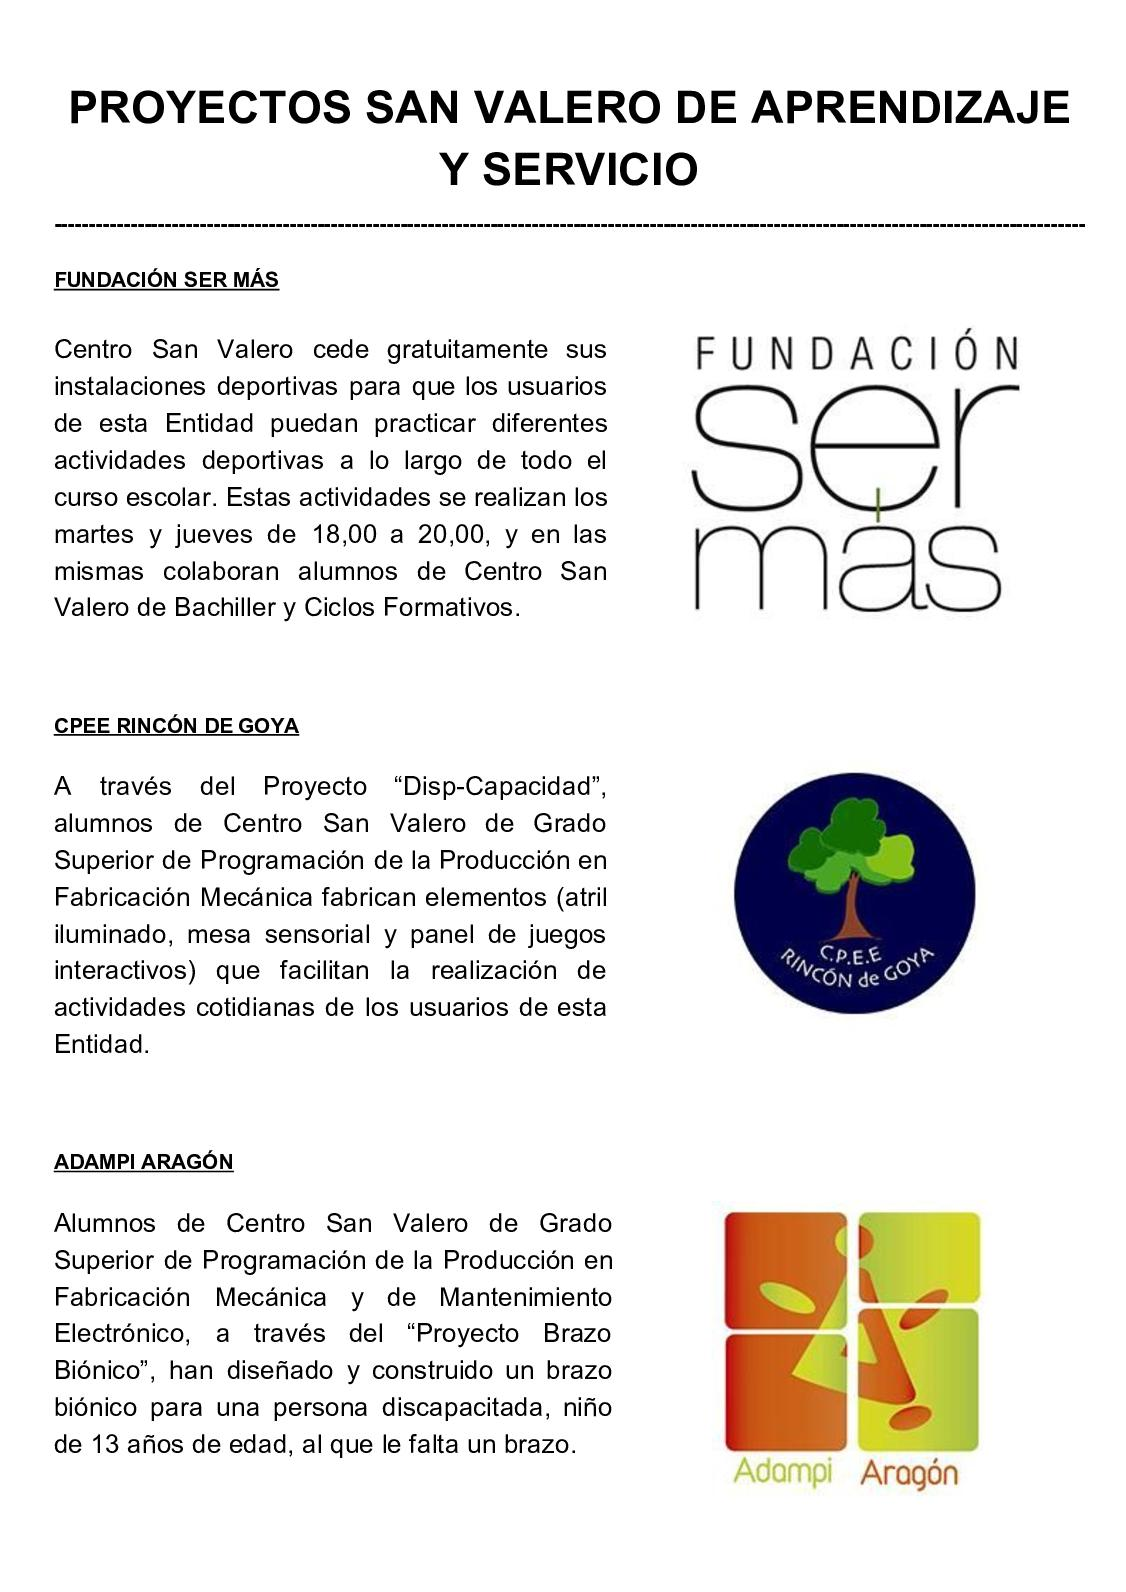 Calaméo Proyectos San Valero De Aprendizaje Y Servicio